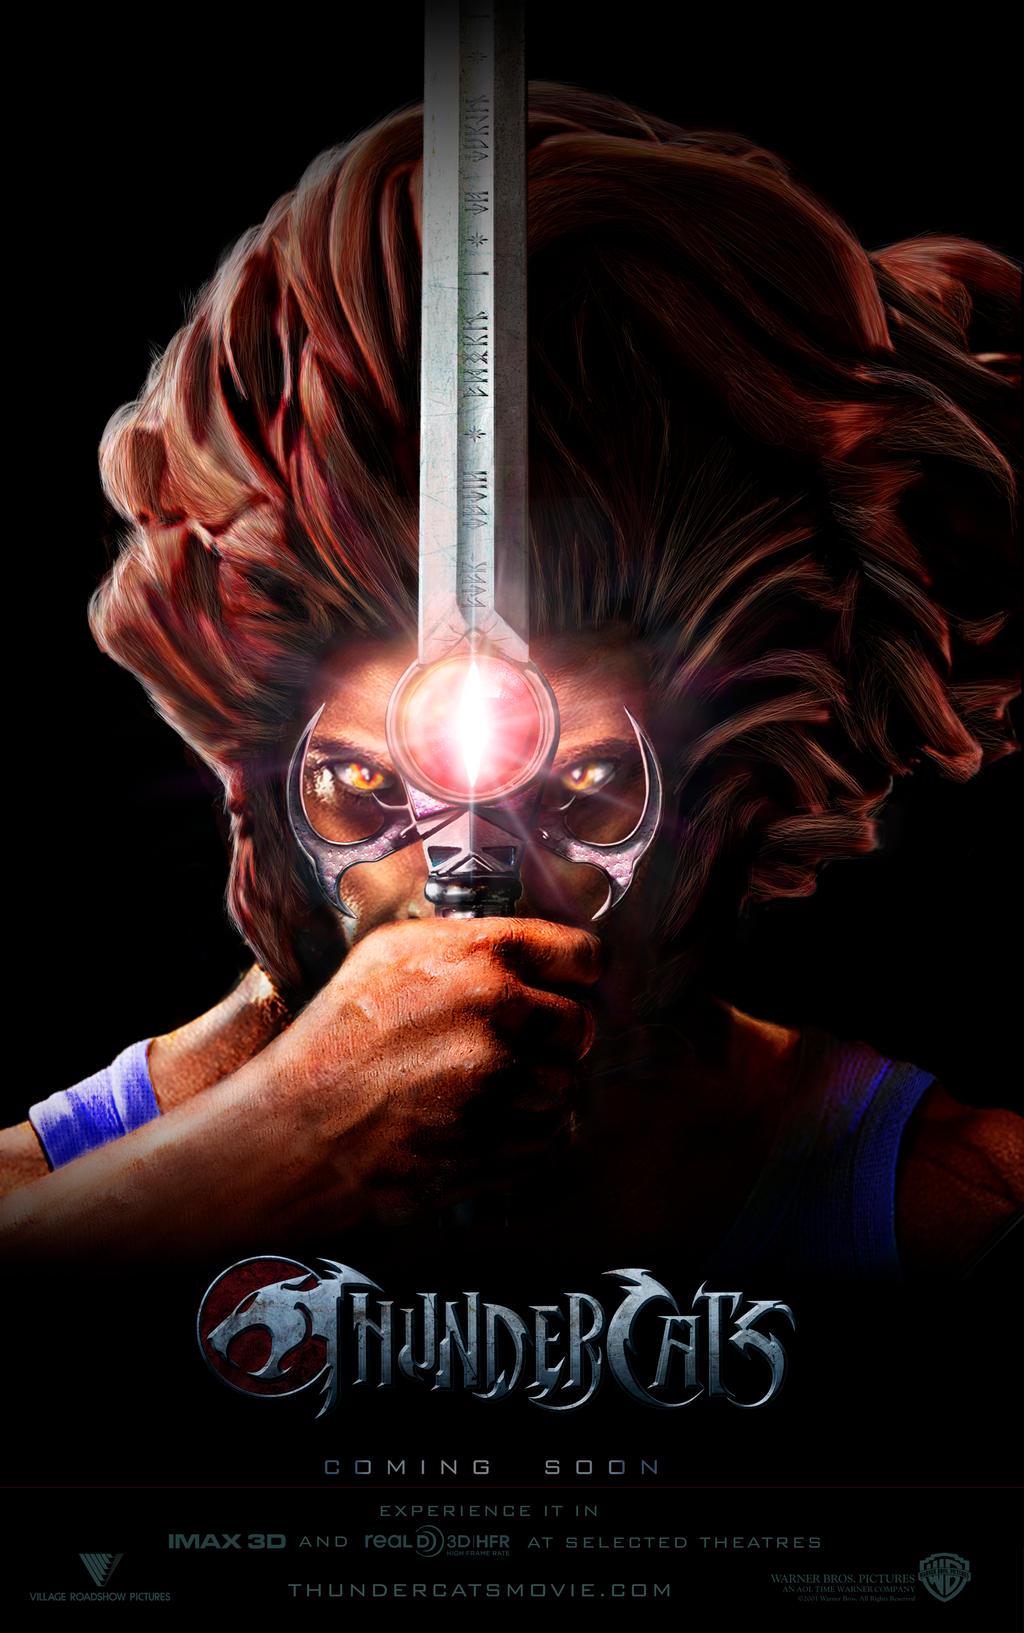 thundercats teaser poster 2 by sdmdigital on deviantart